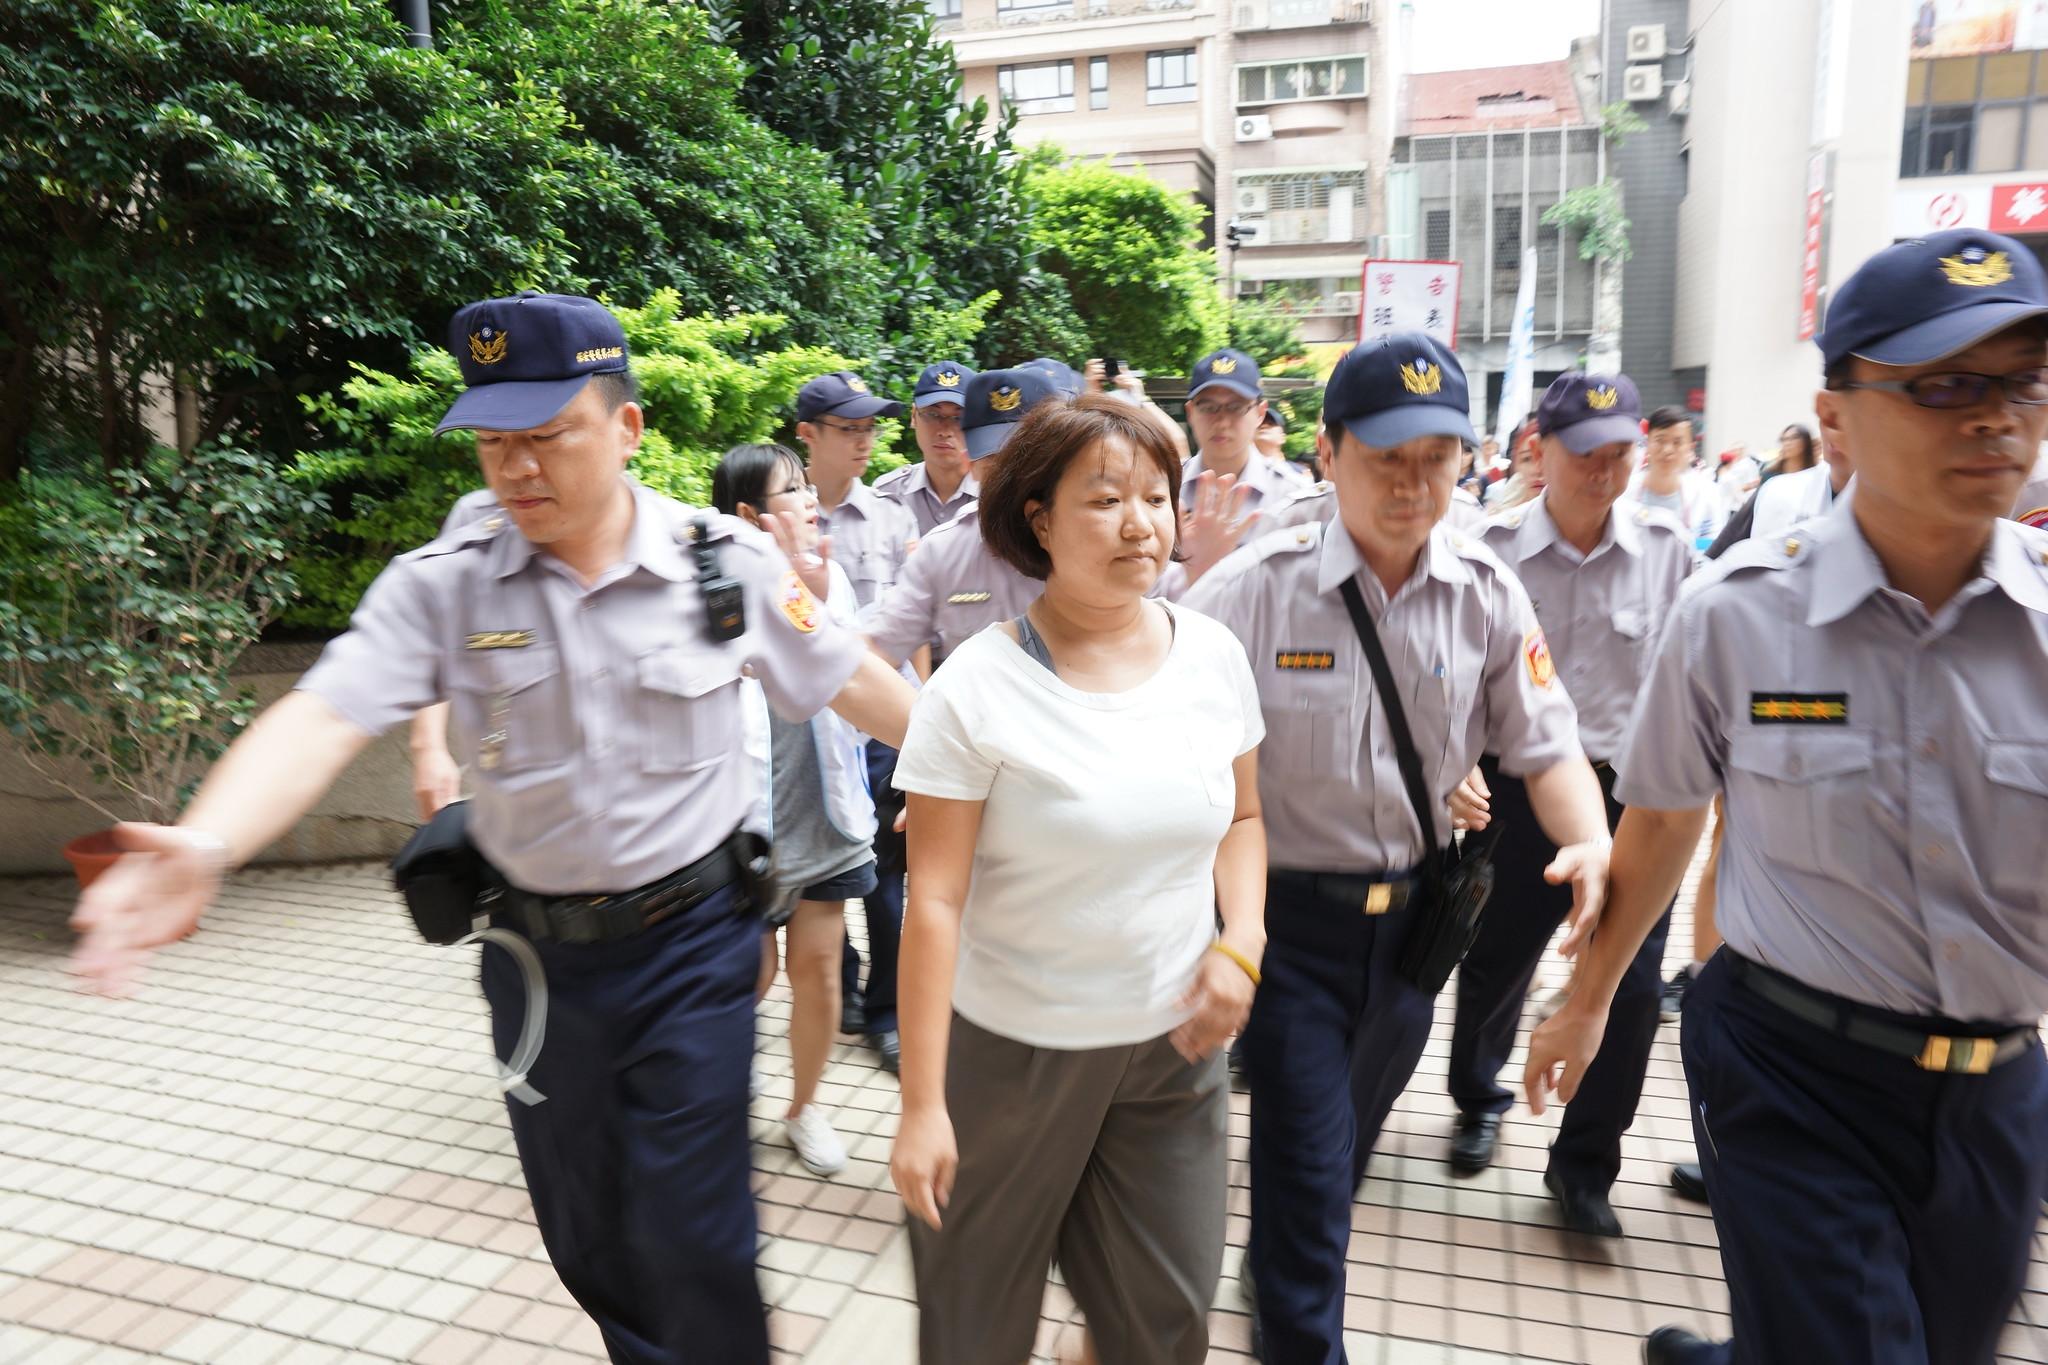 李怡萱在警方护送下离去。(摄影:王颢中)